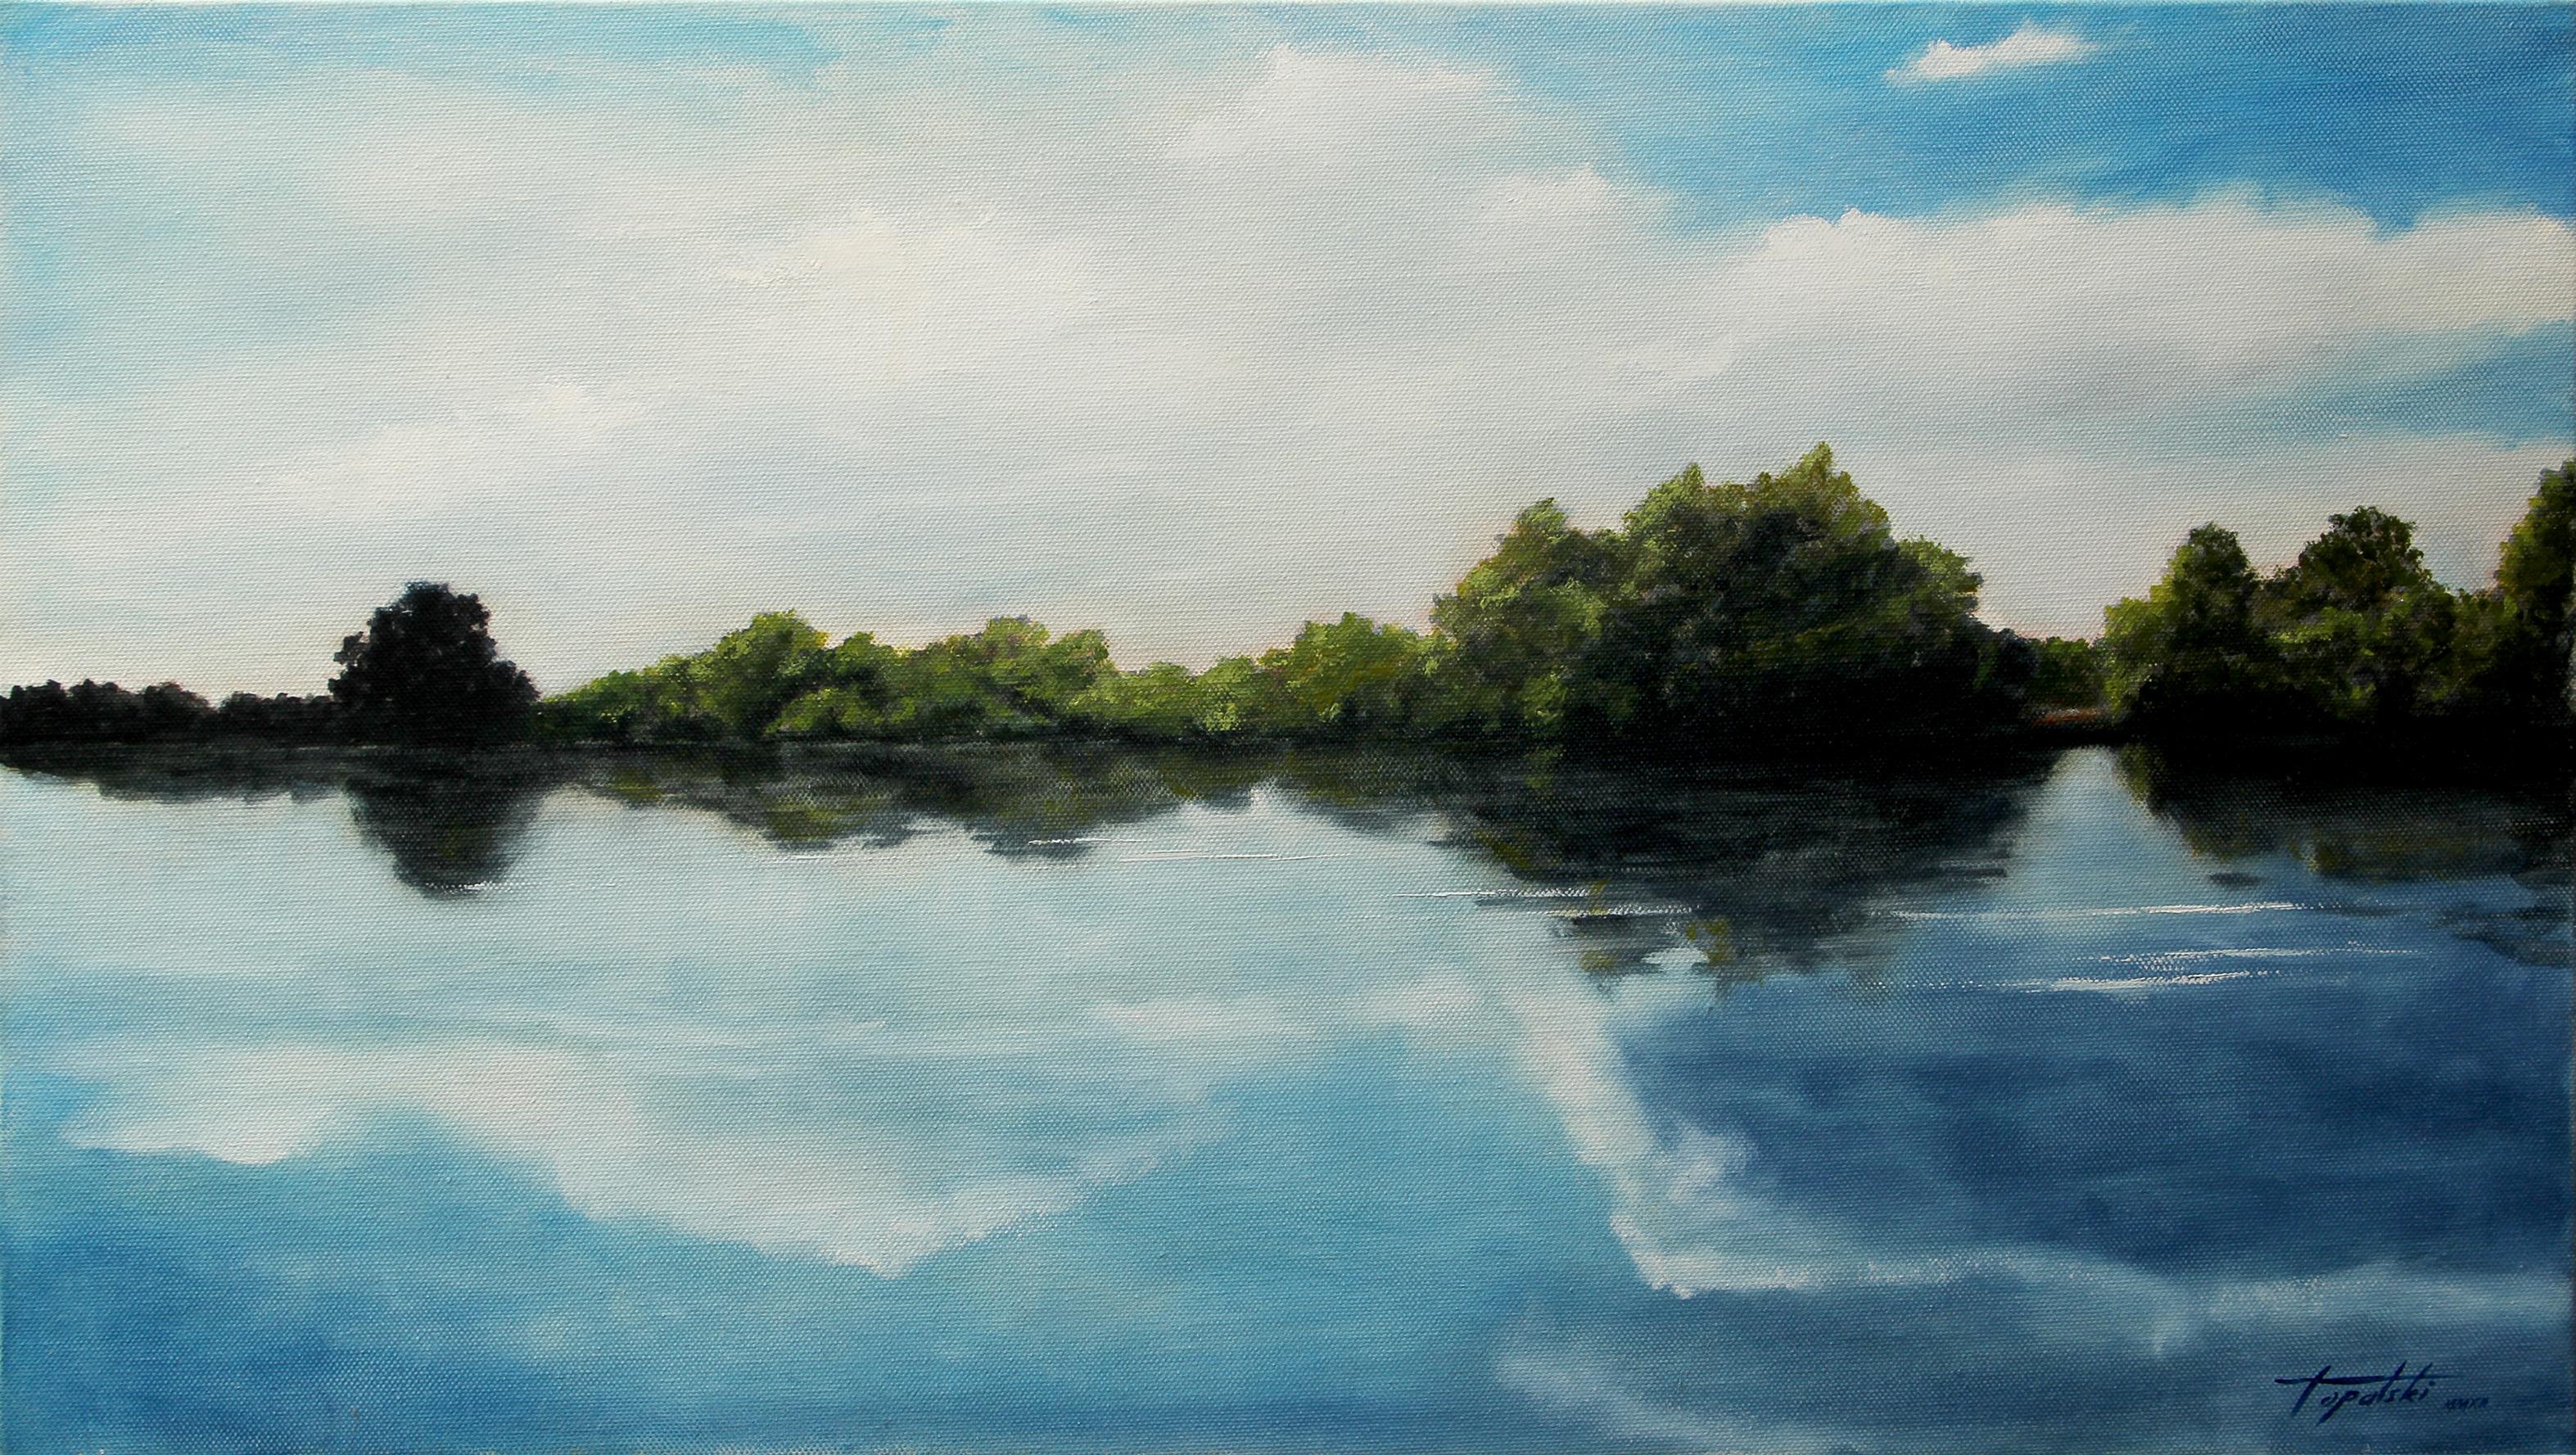 Umetnička Slika - Reka Snova - 40x70cm, 2012. Ulje na platnu umetnik Darko Topalski